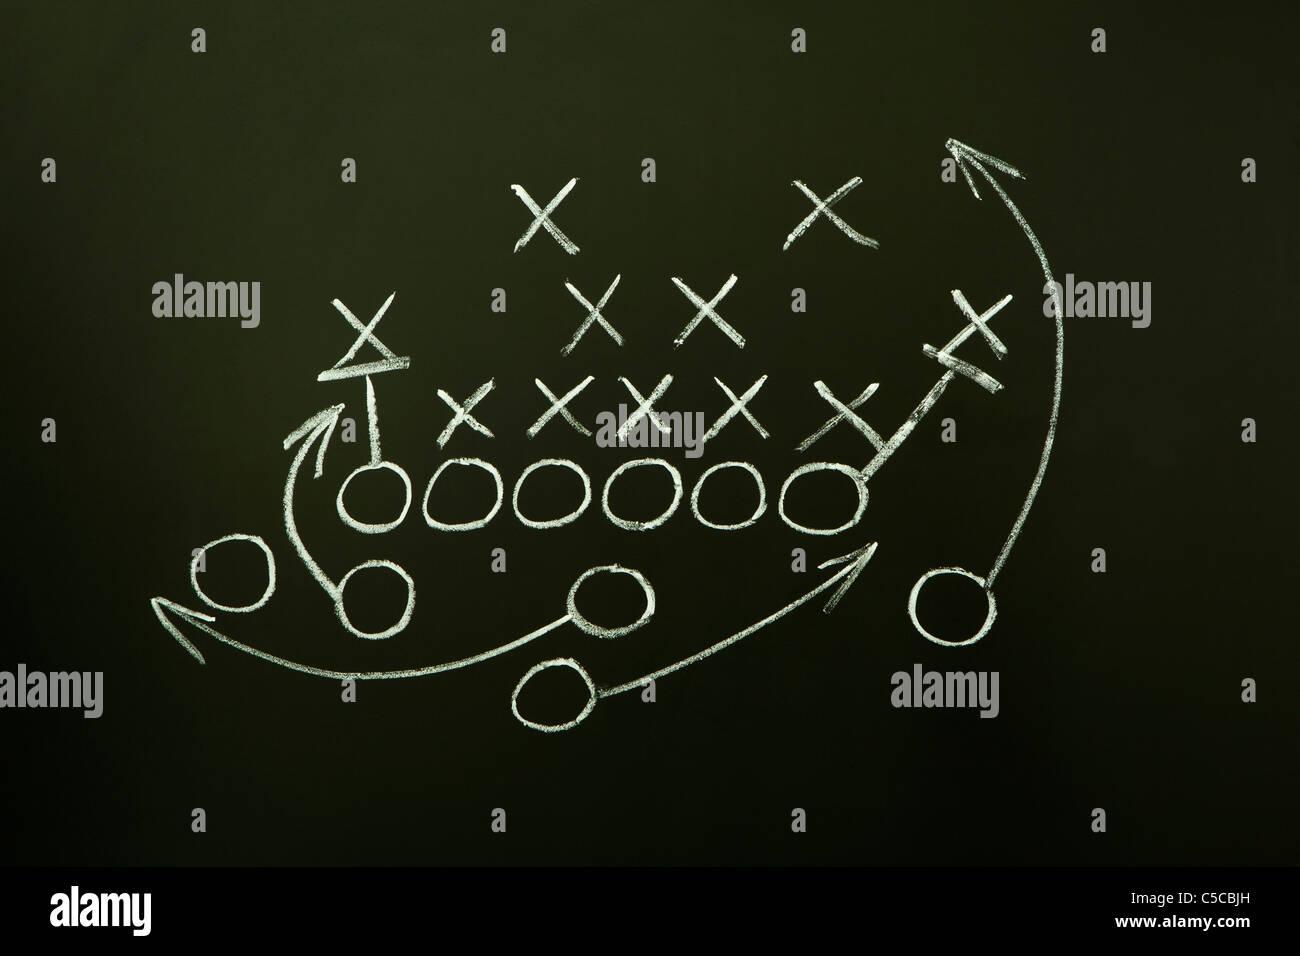 Stratégie de jeu dessiné à la craie blanche sur un tableau noir. Photo Stock